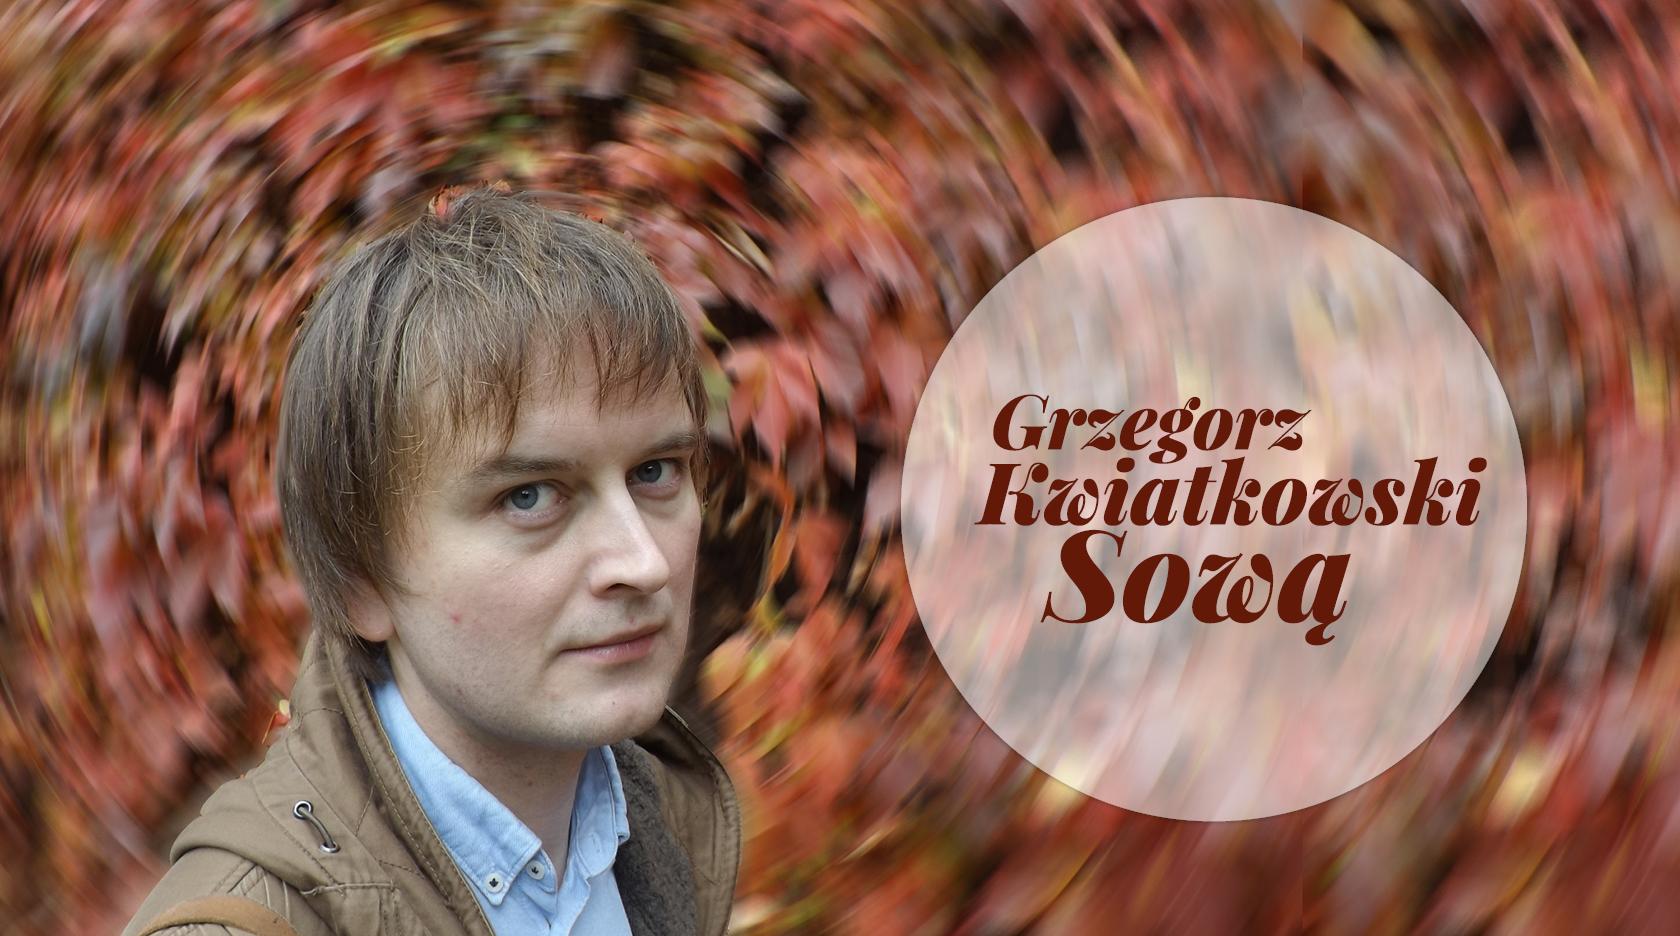 BL Img 2017.09.21 Niebawem płyta i książka Grzegorza Kwi (1)